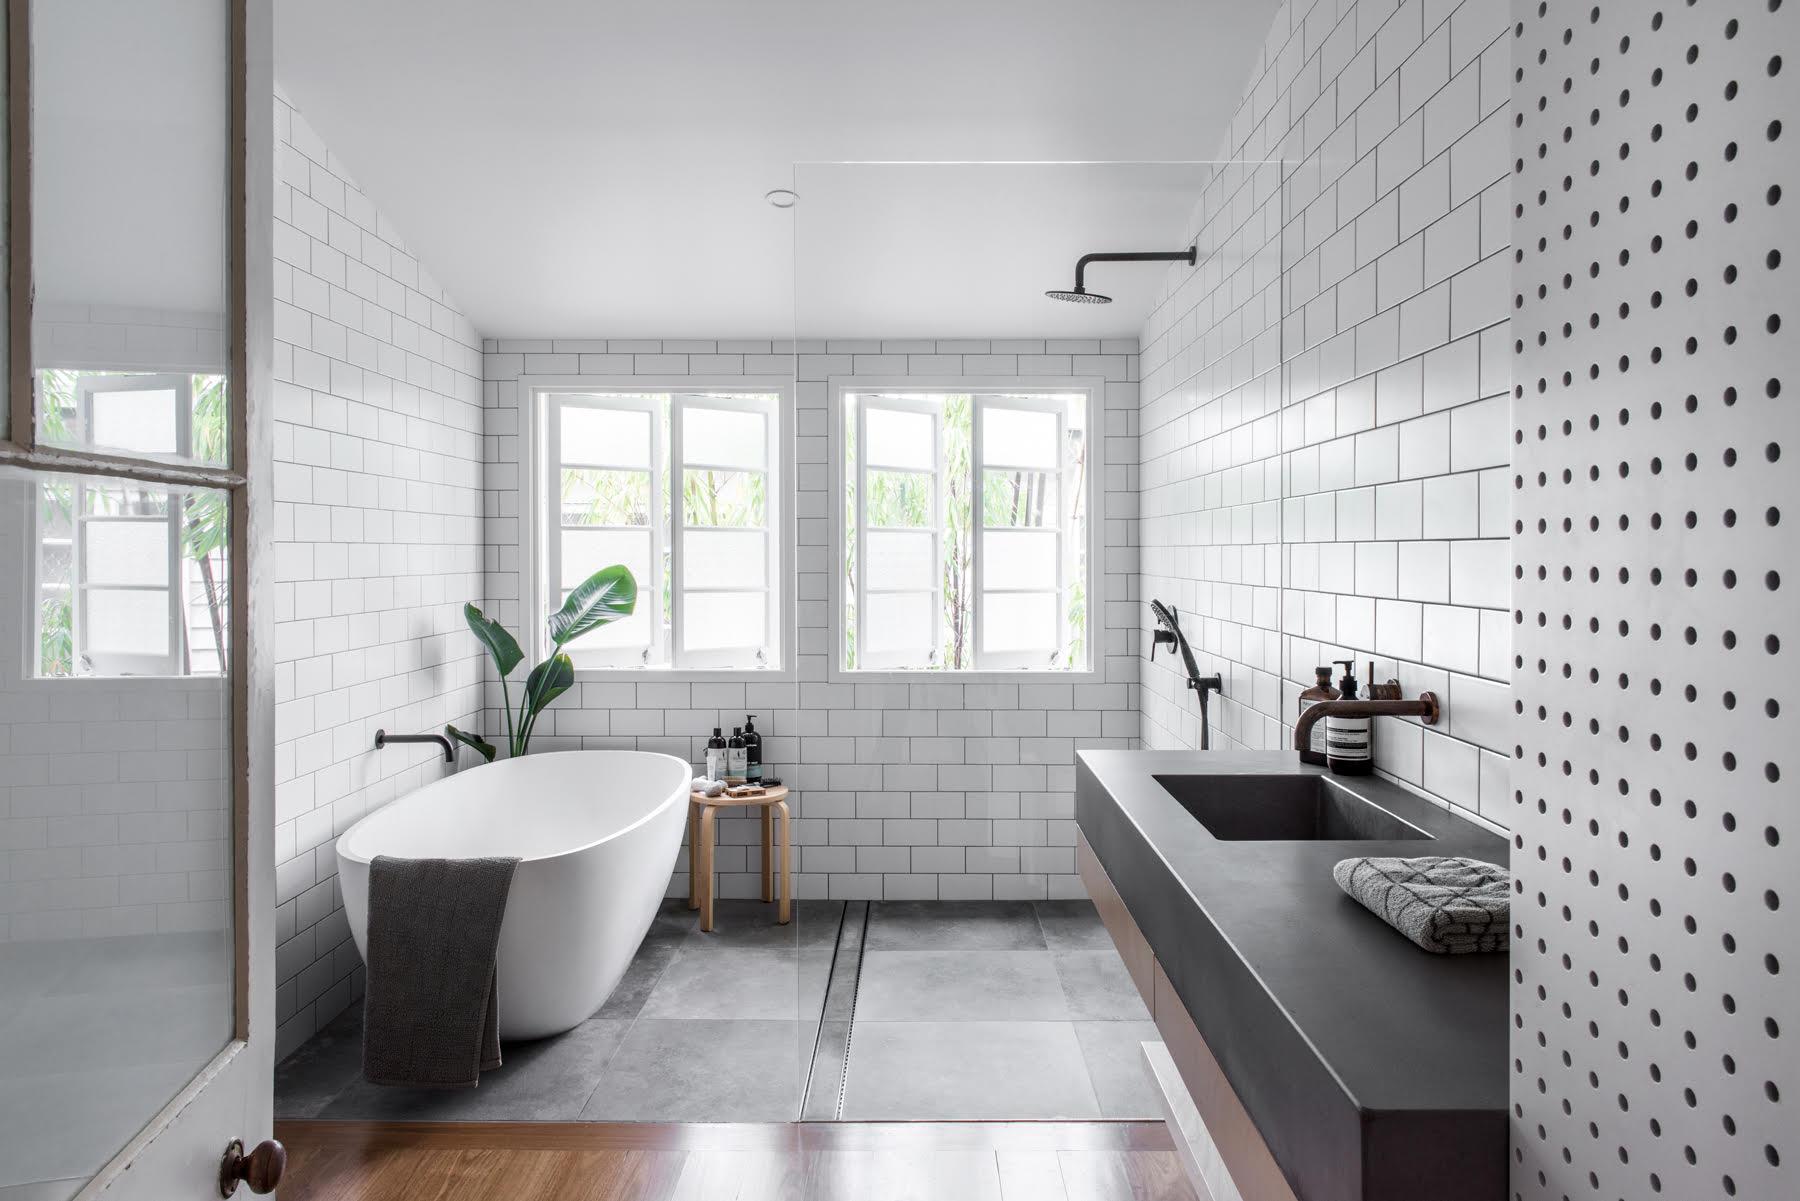 Greener Kitchens    - Concrete Bathroom Vanity